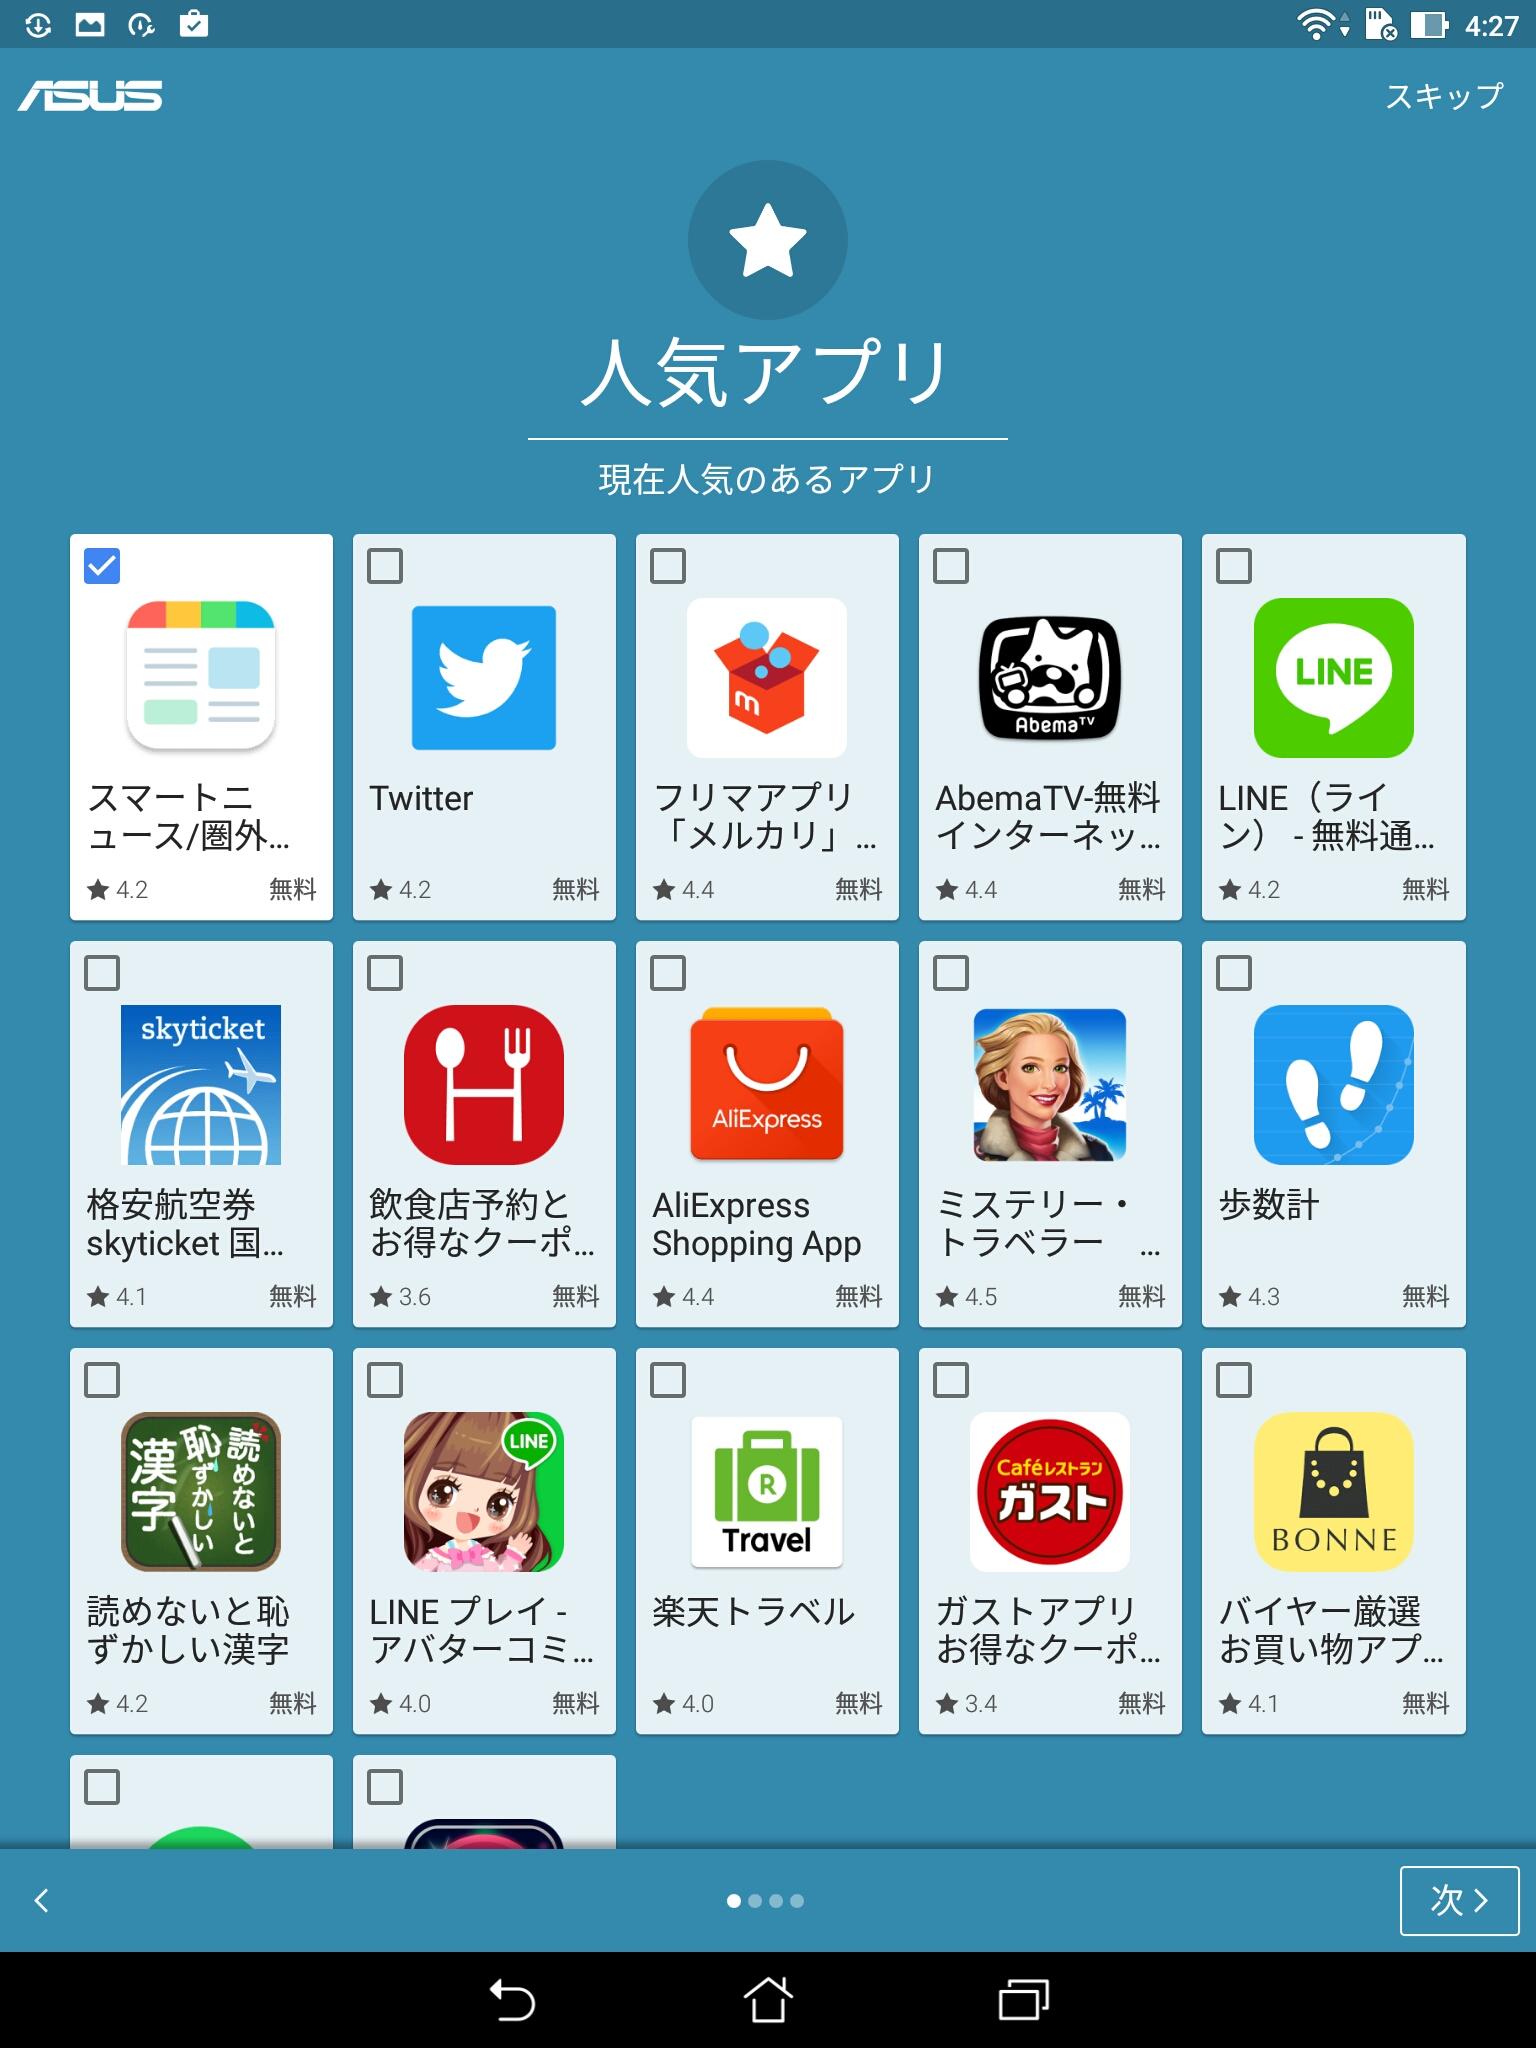 セットアップ中に「人気アプリ」をインストールするよう勧められる。プリインストールされていないだけ良心的と見るべきだろうか